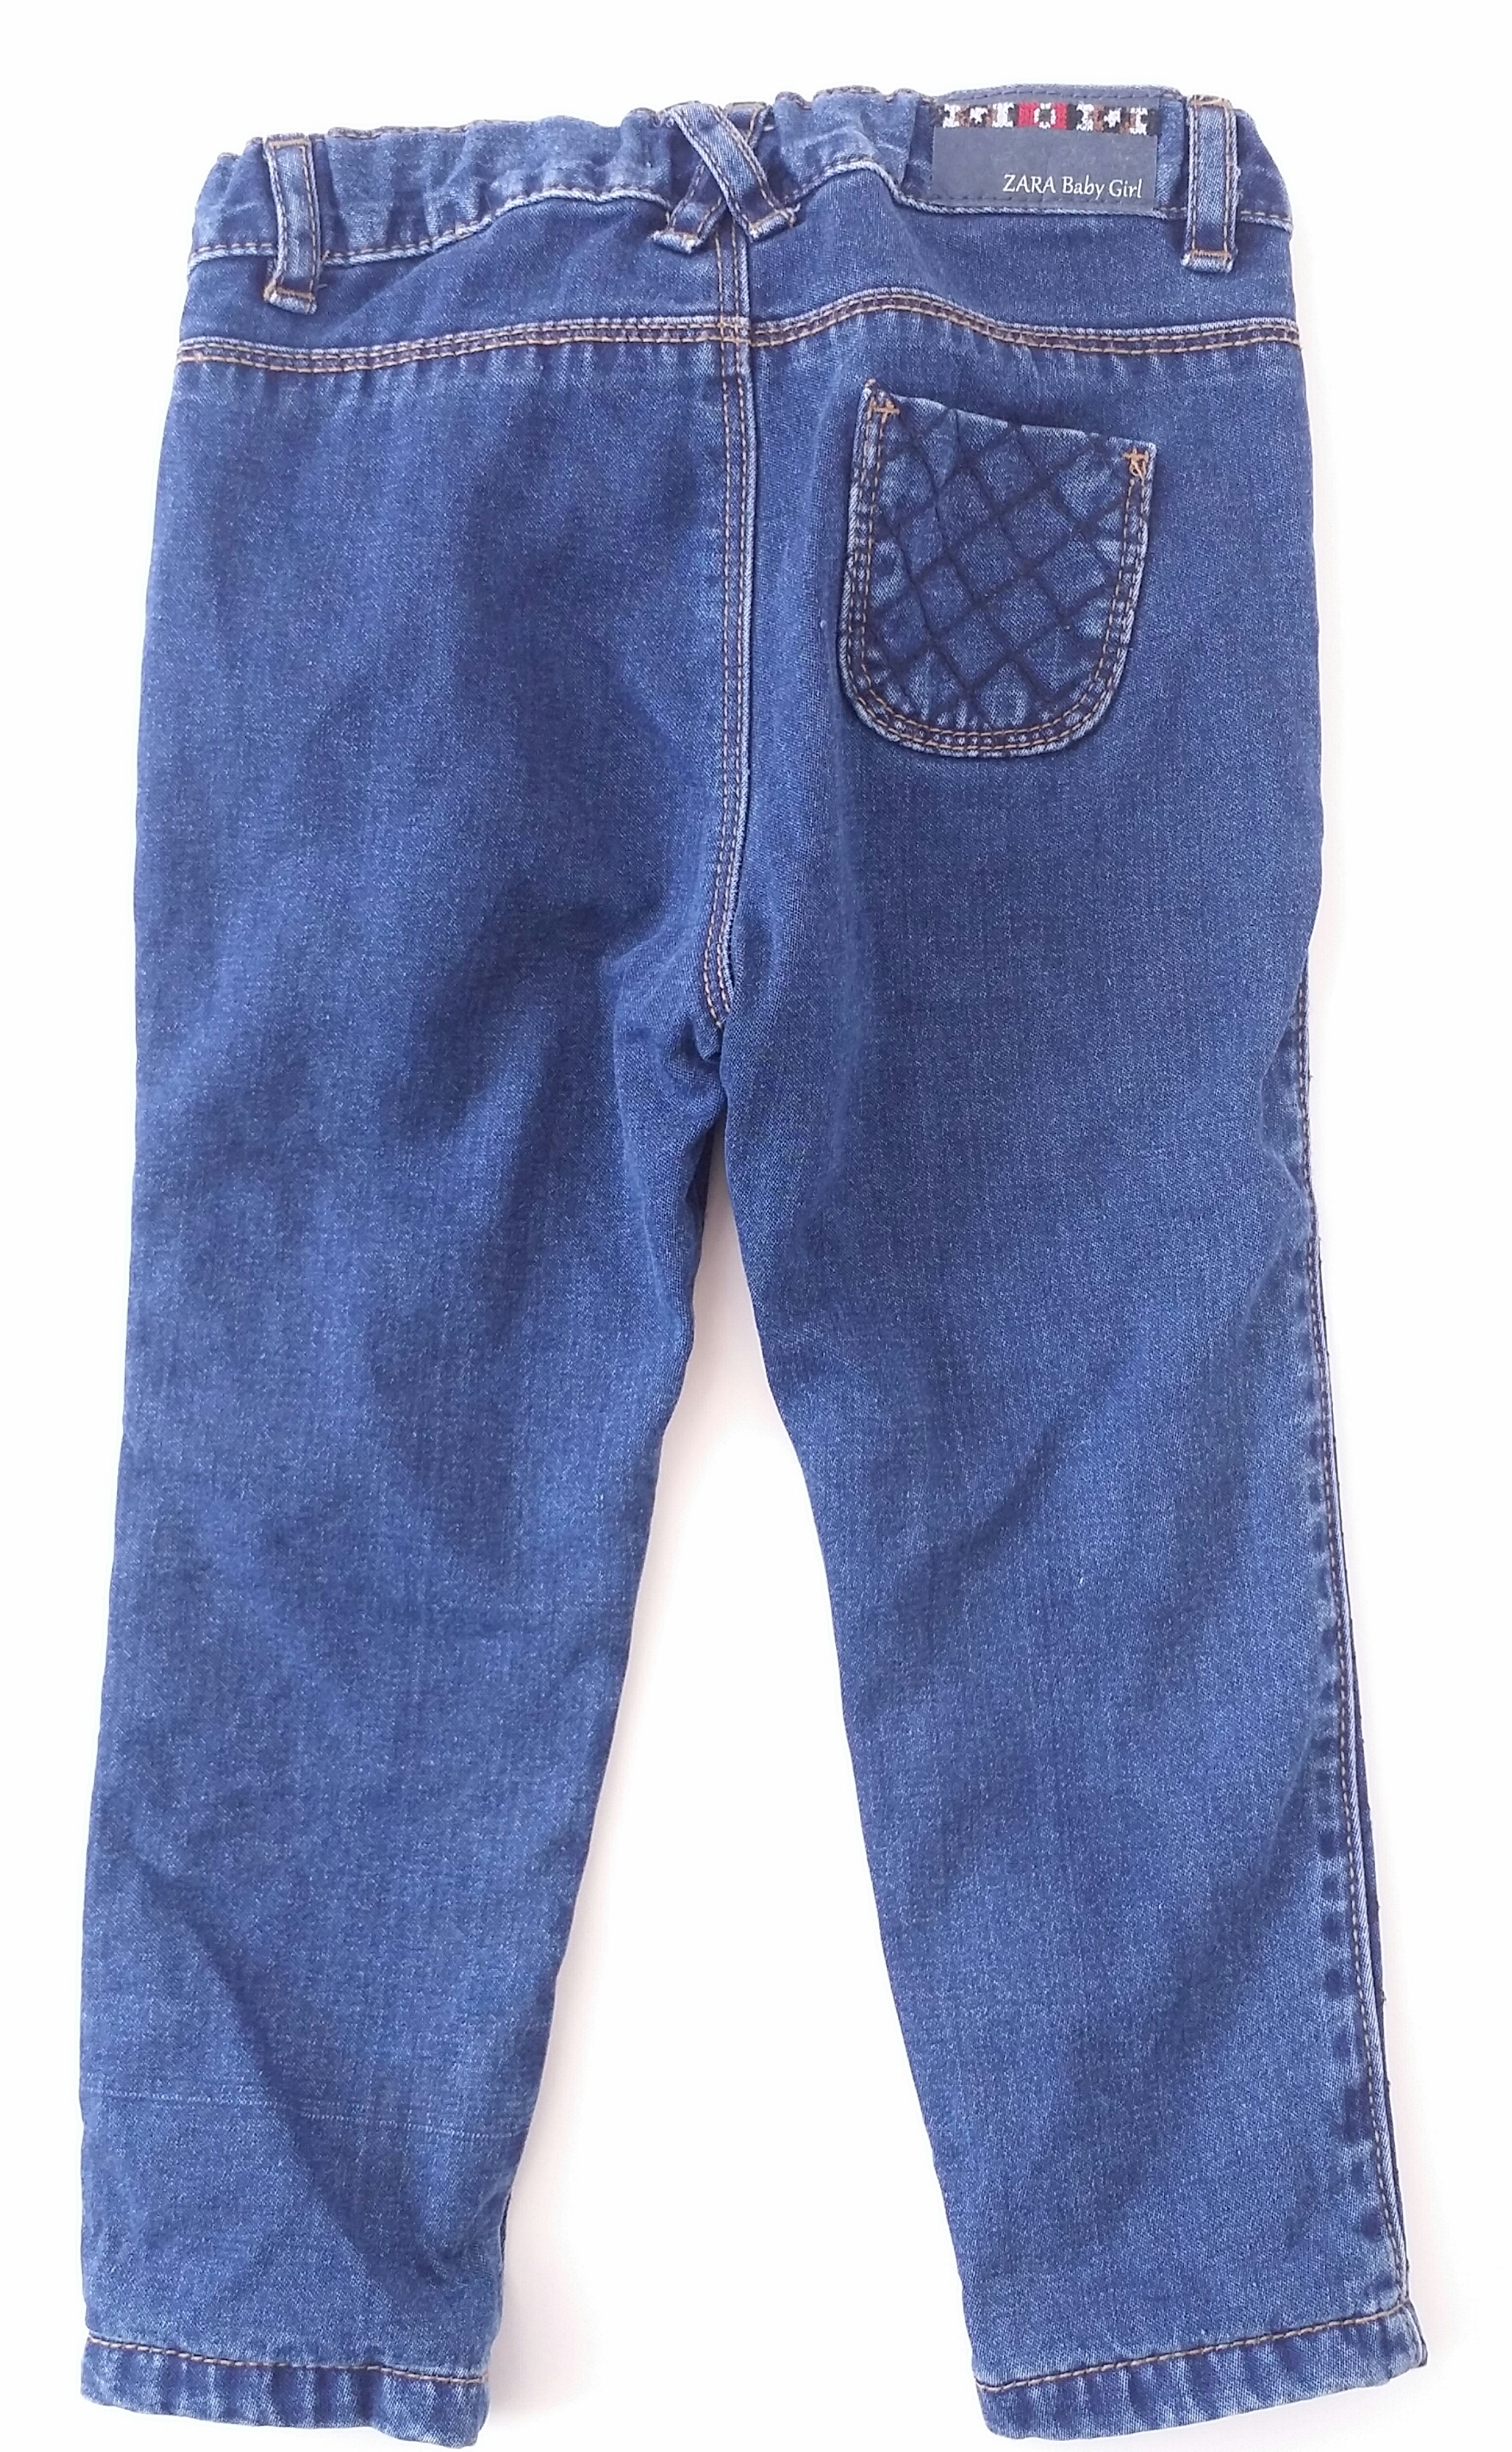 Zara-2-YEARS-Jeans_2132289C.jpg